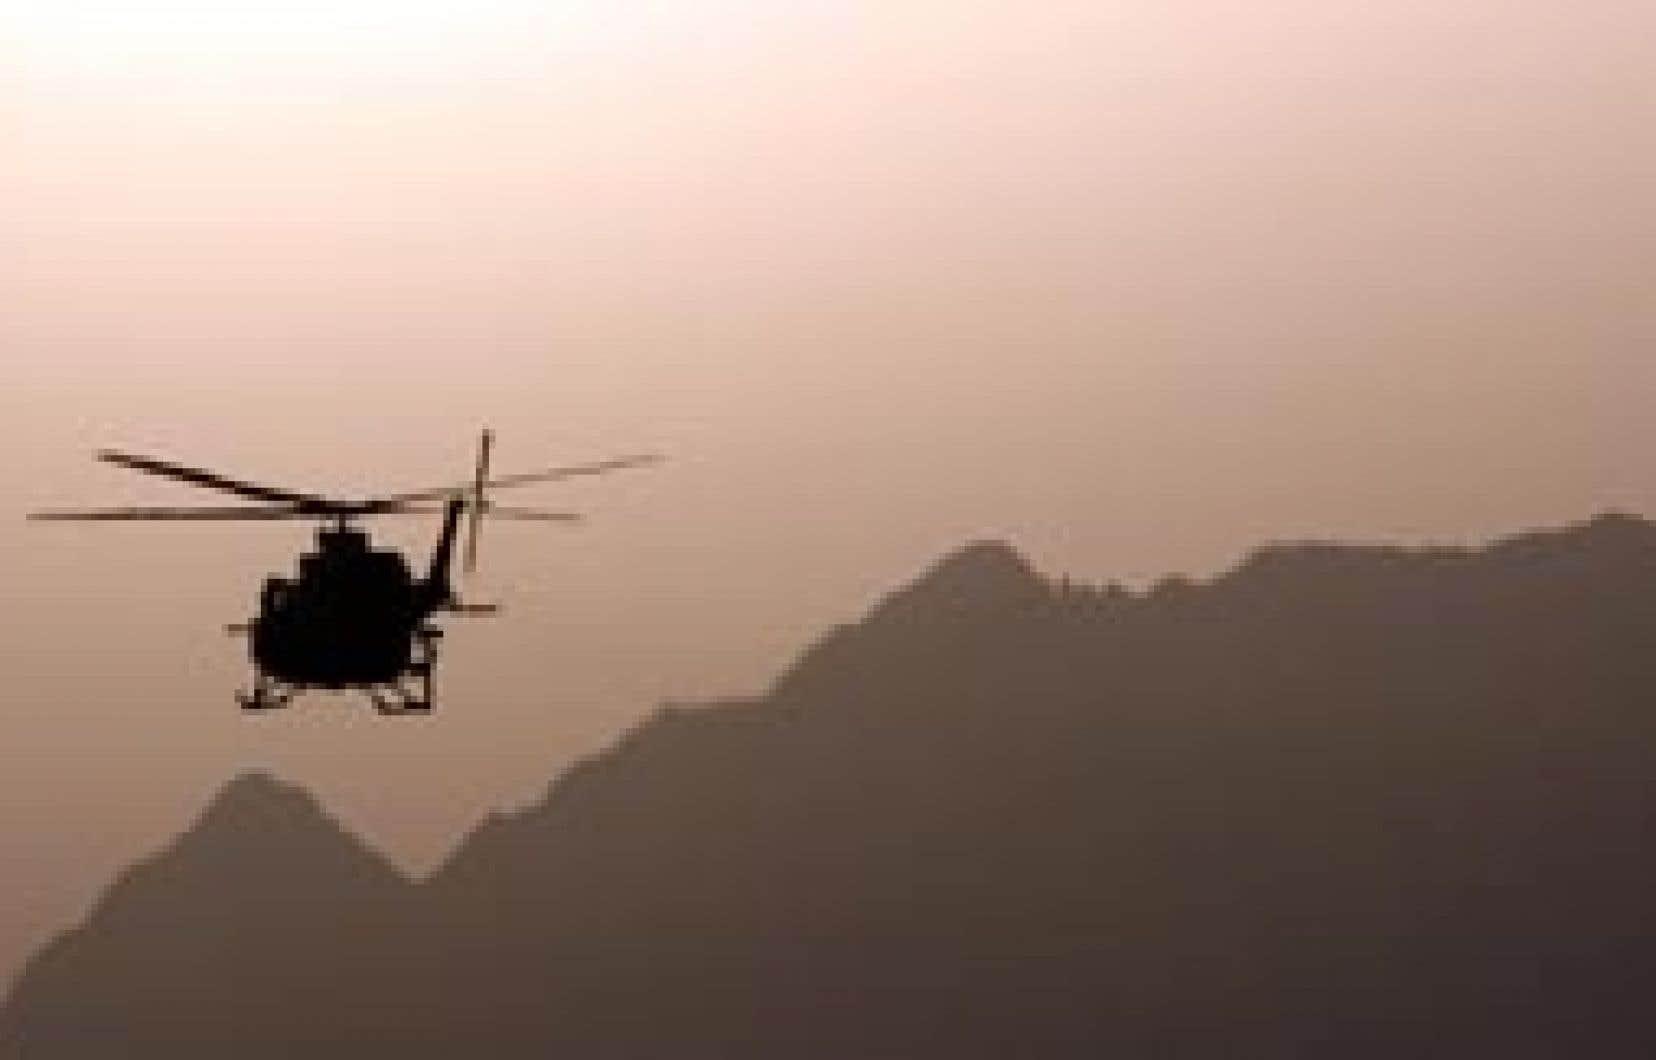 Les soldats tués participaient à une opération majeure afin de démanteler des centres de commandement talibans et leurs réseaux d'approvisionnement.